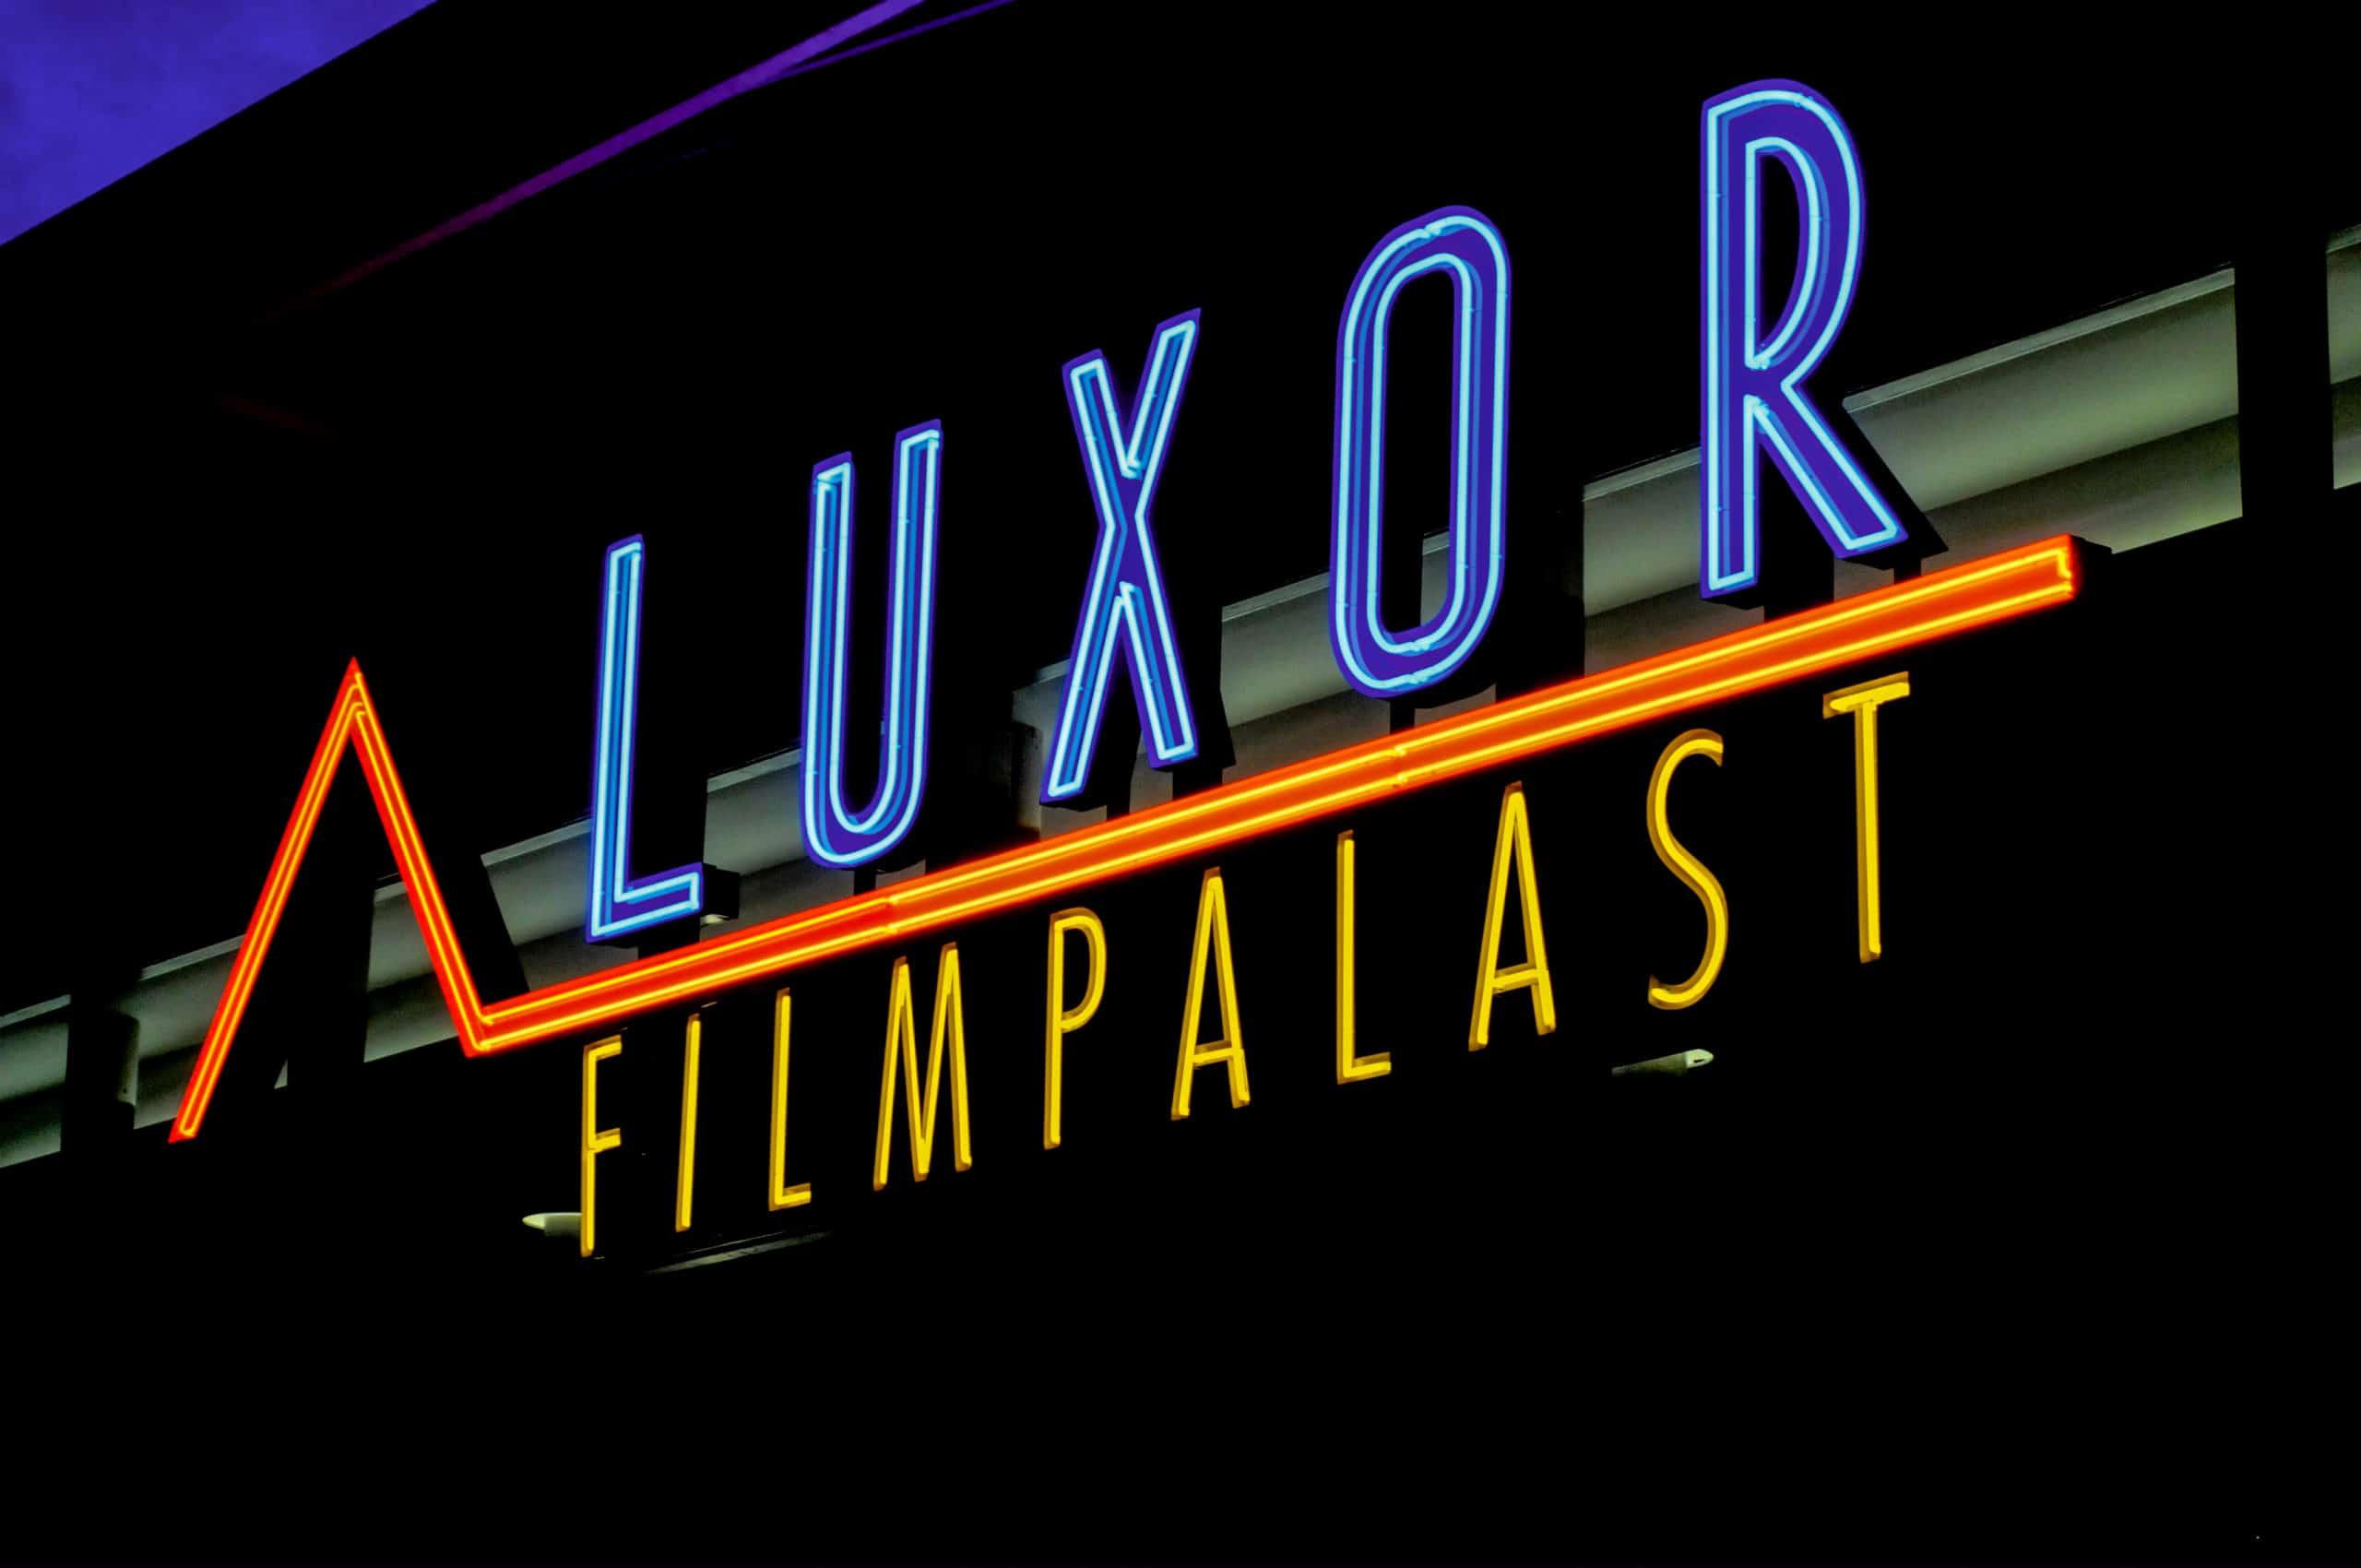 Luxor Filmpalast – Neon